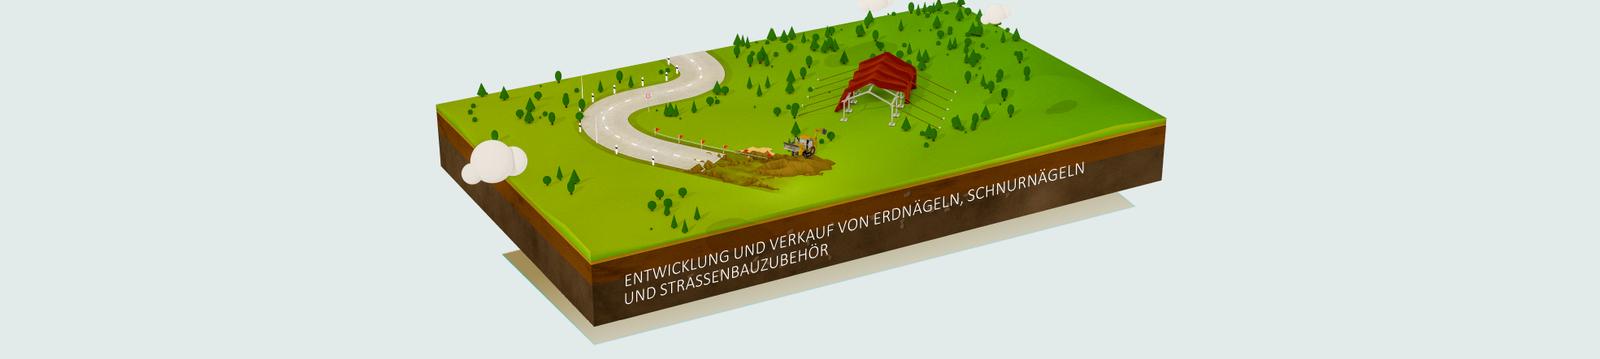 IGEL GmbH